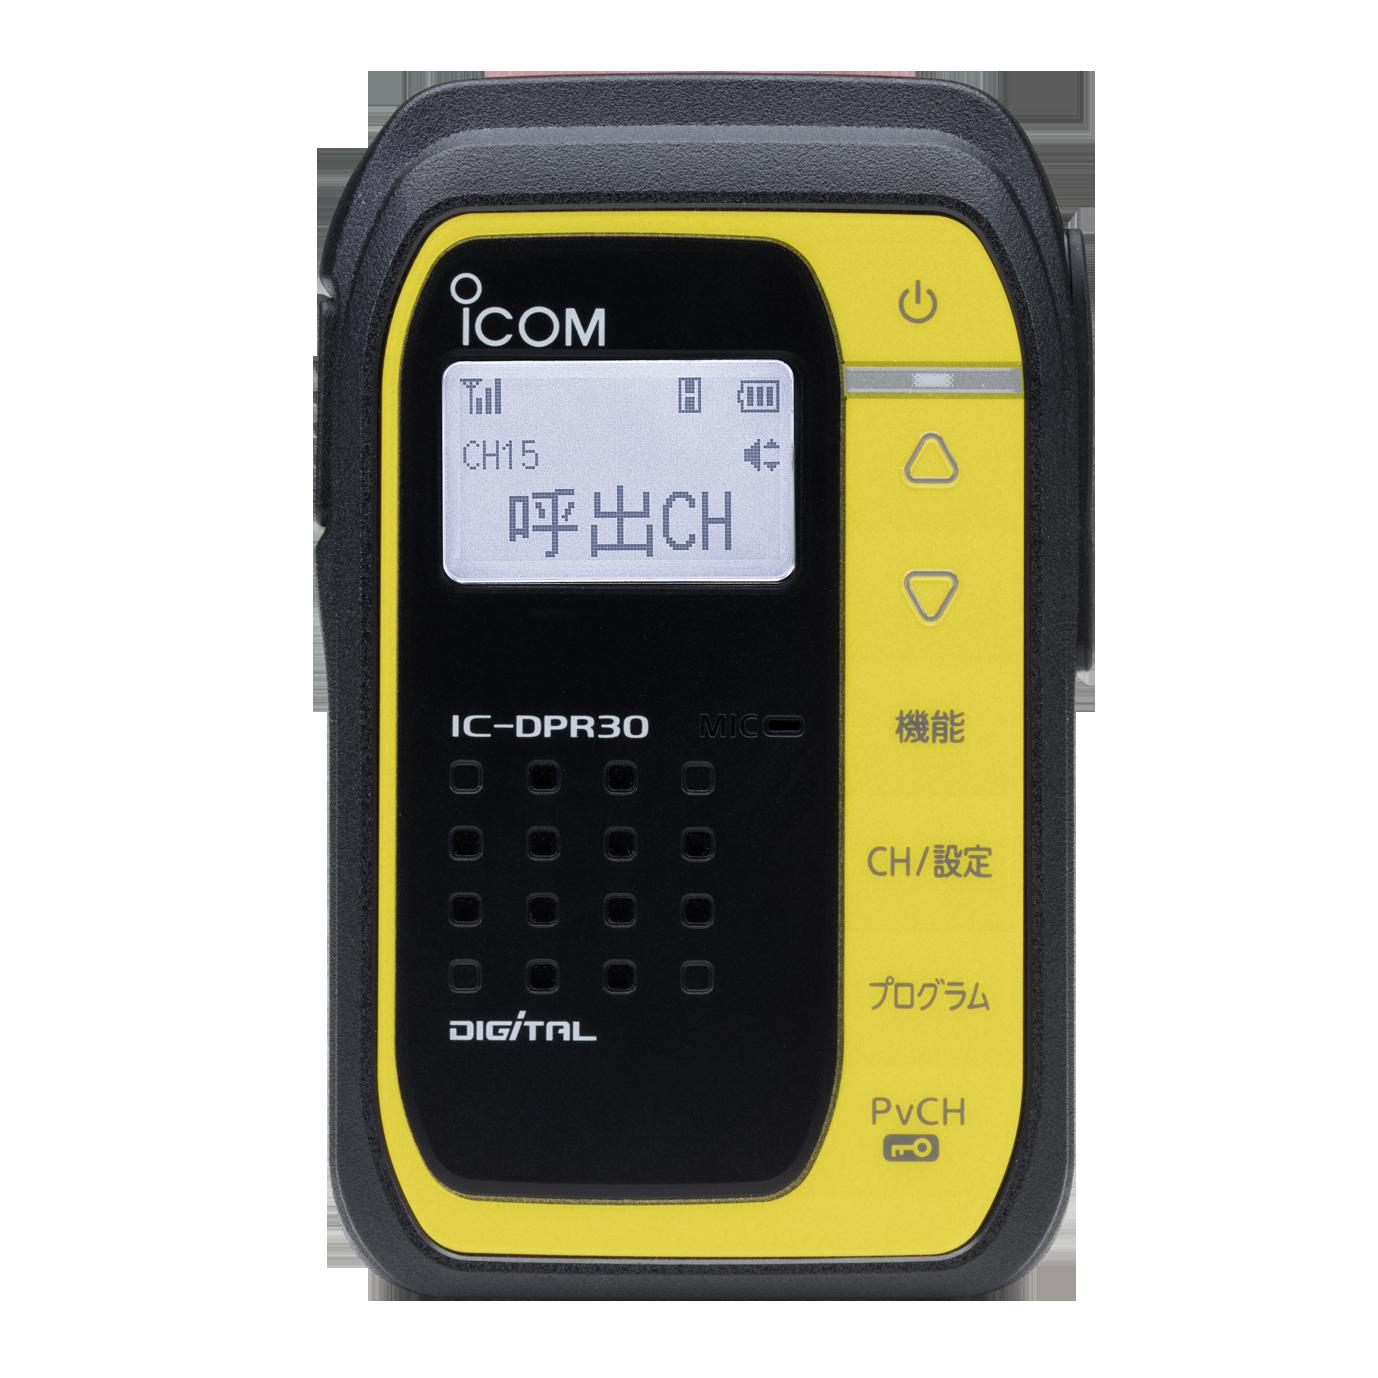 携帯型デジタル簡易無線機(登録局) メタリックイエロー